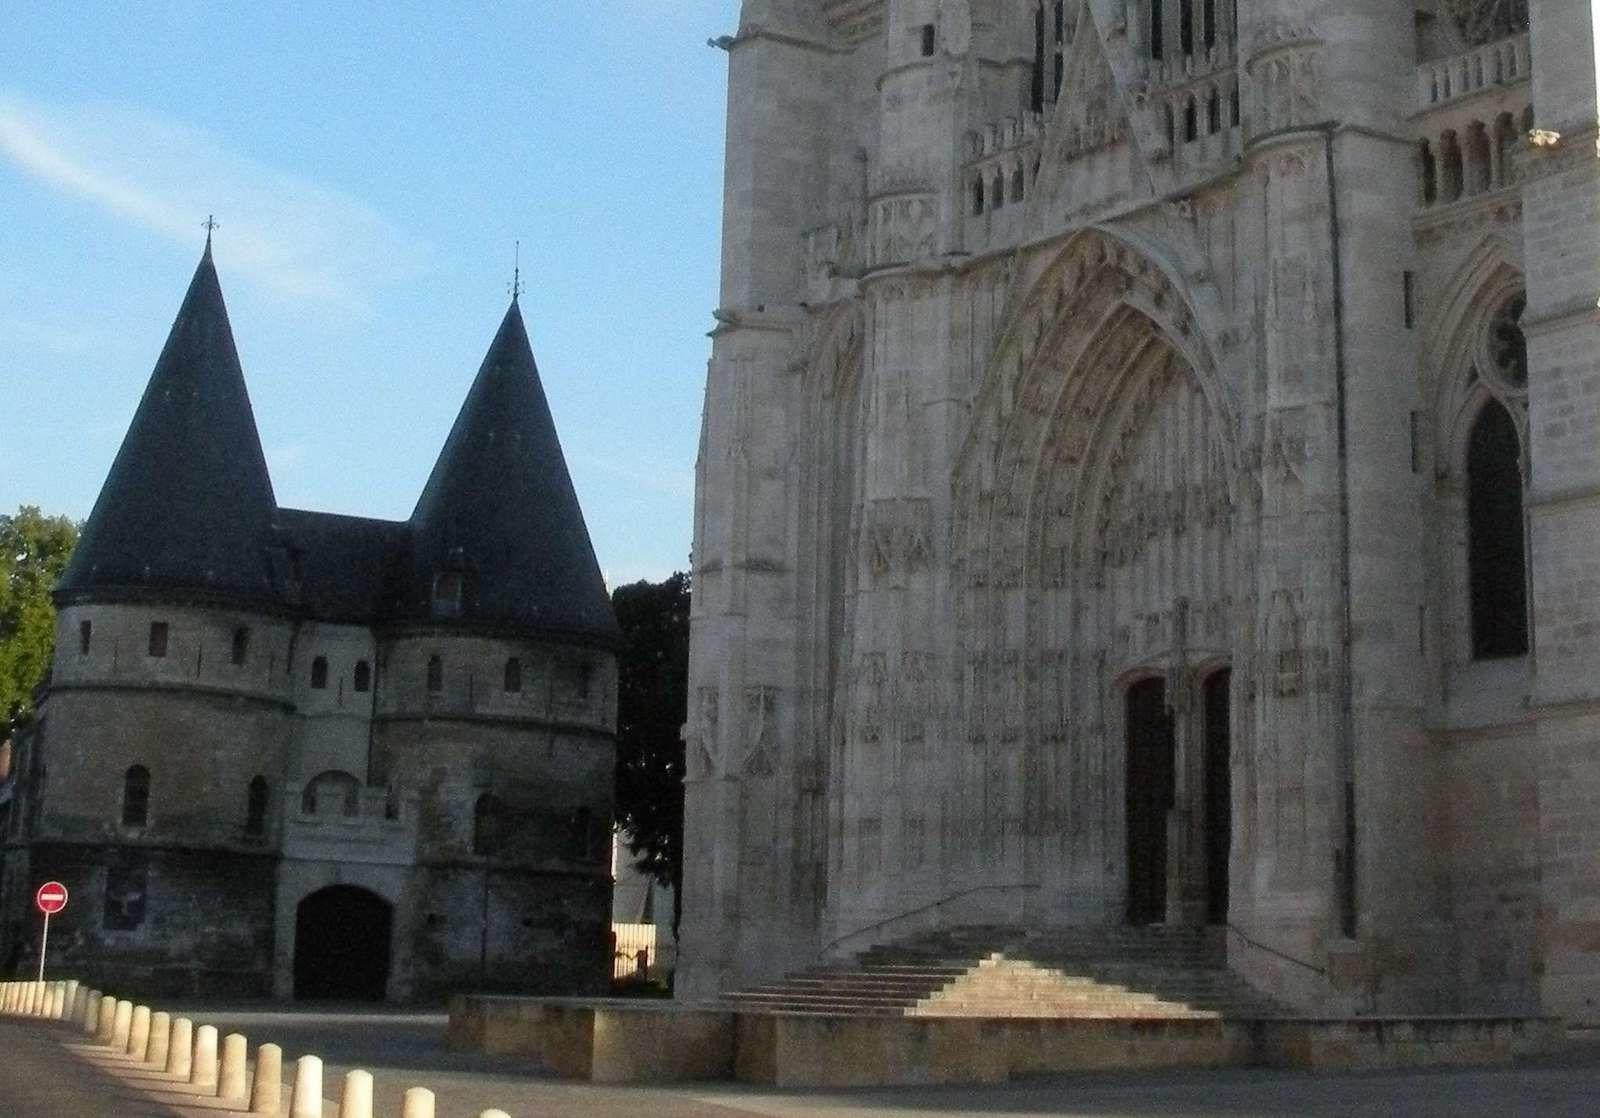 La cathédrale et les tours du palais de l'évêque-comte